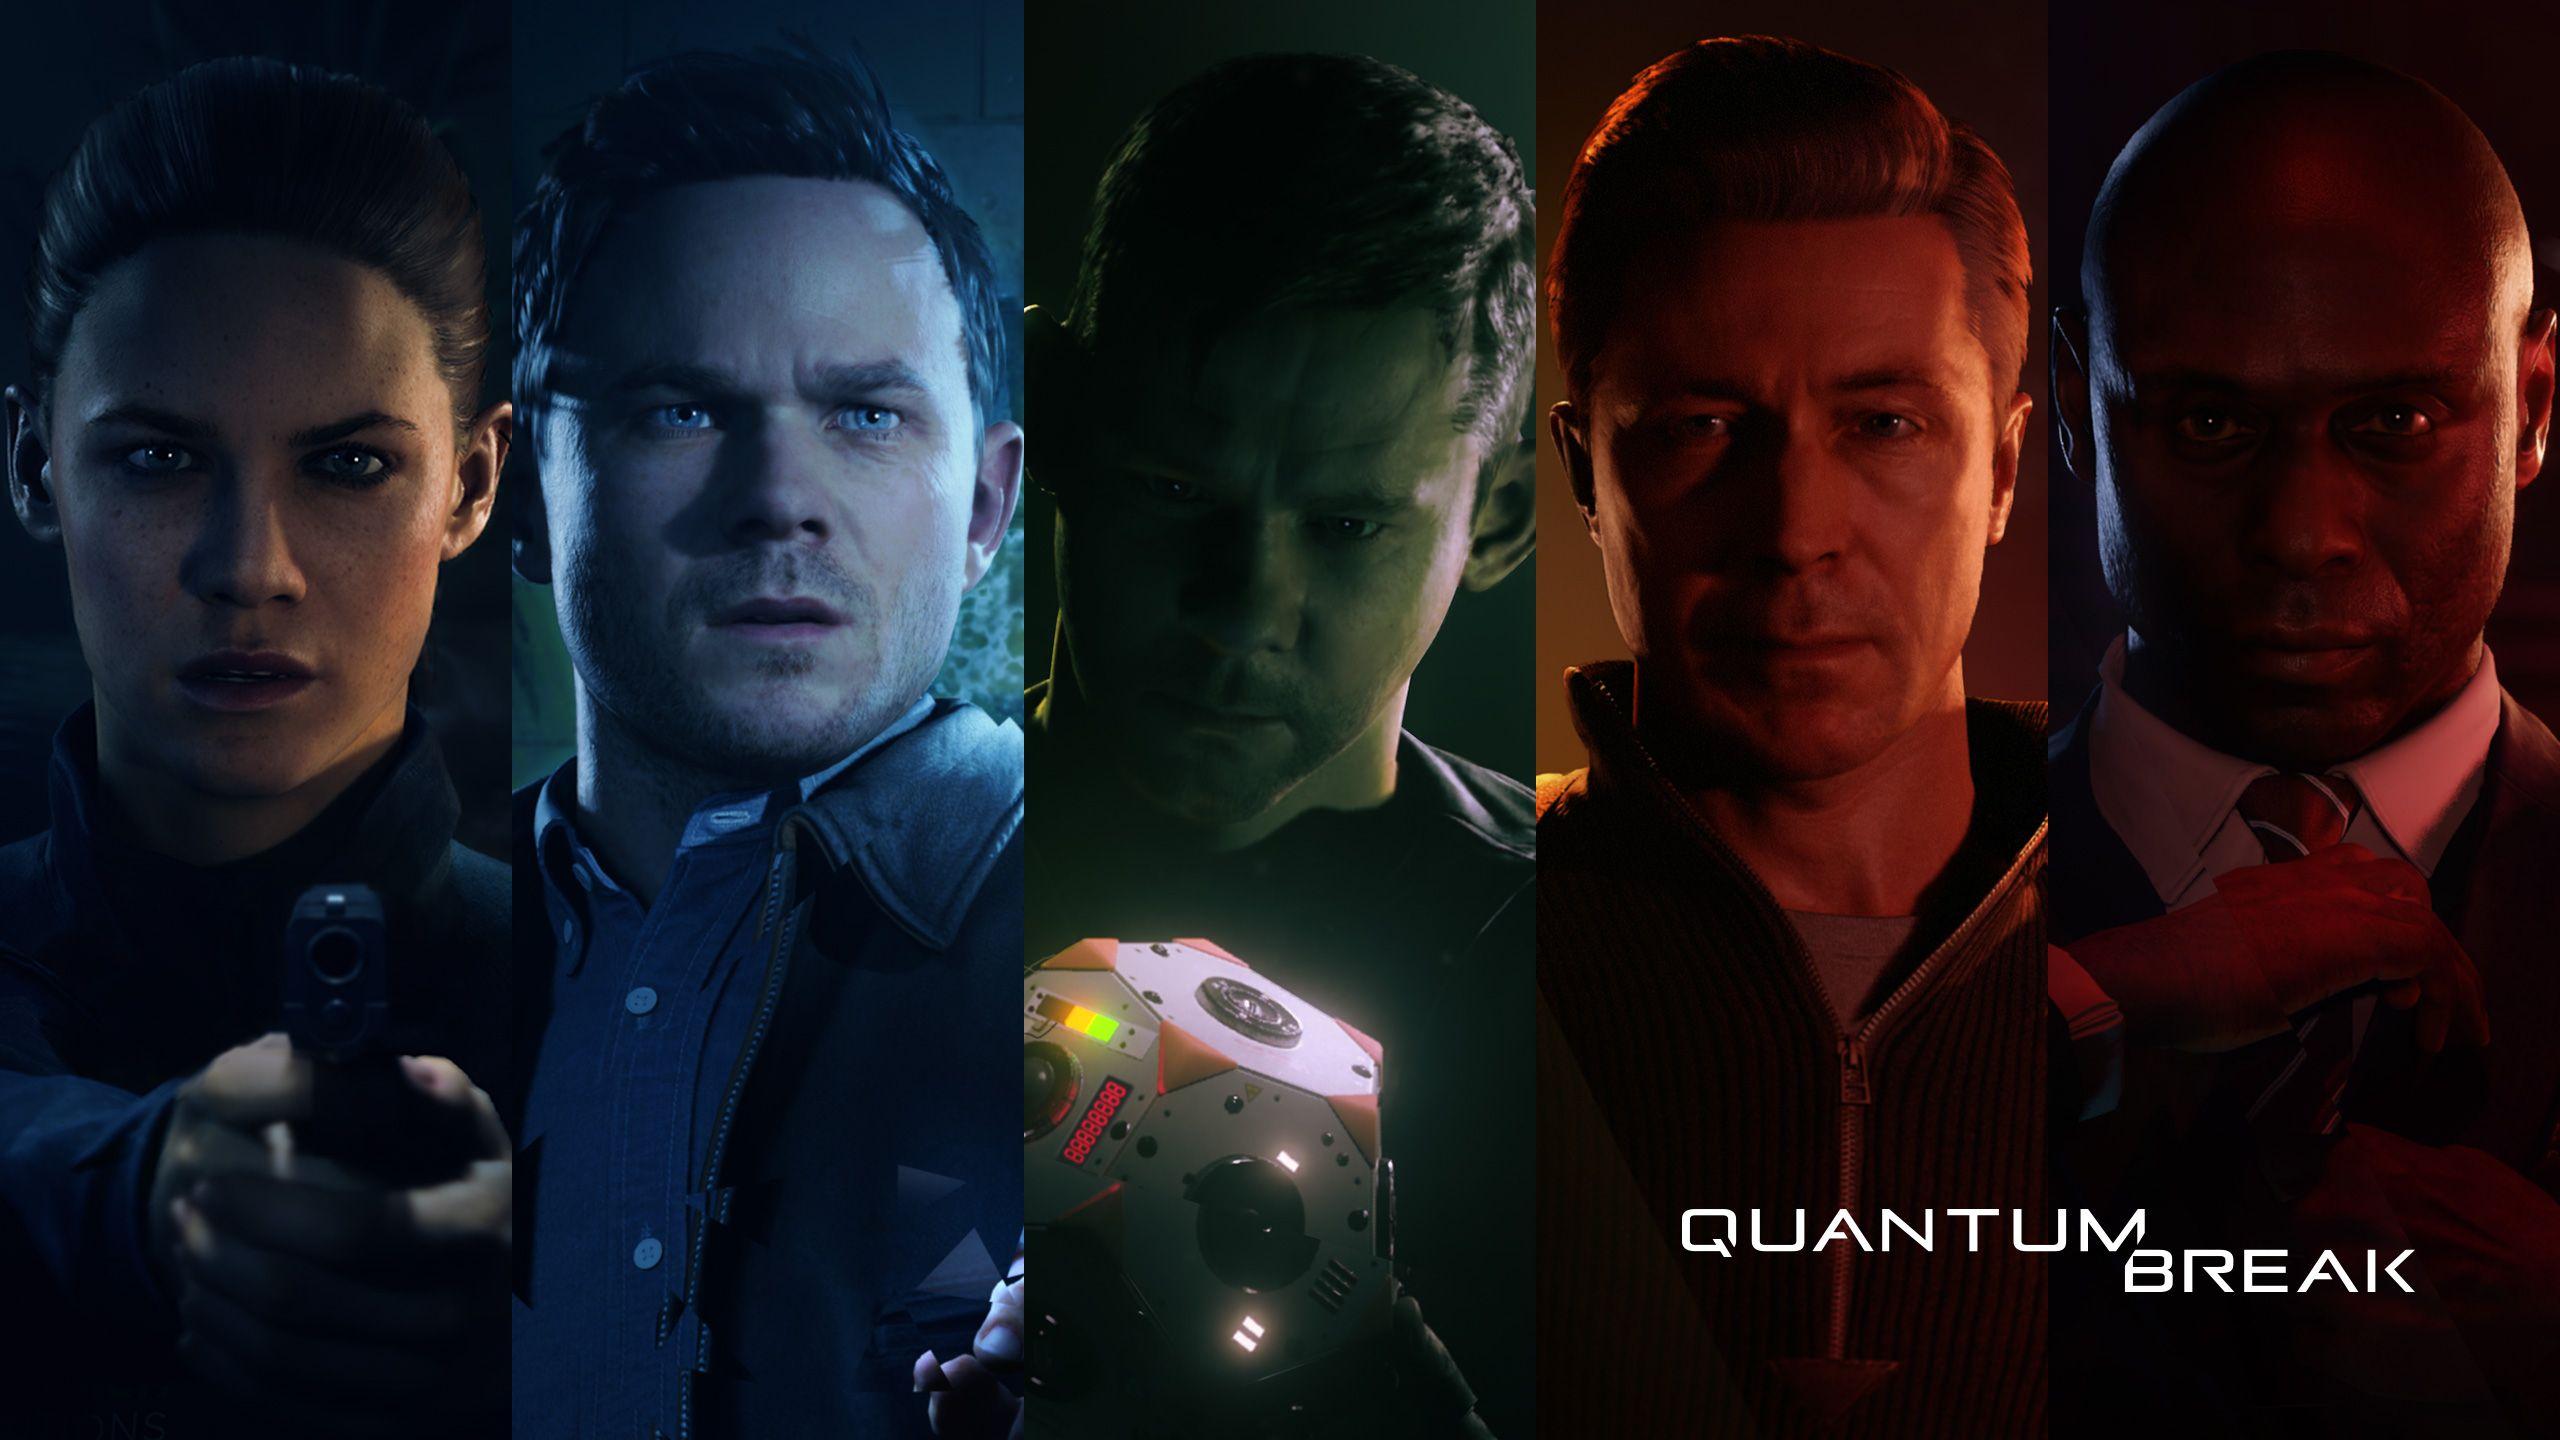 Quantum Break (RUS/ENG) [Дополнение с офлайн-сериалом]